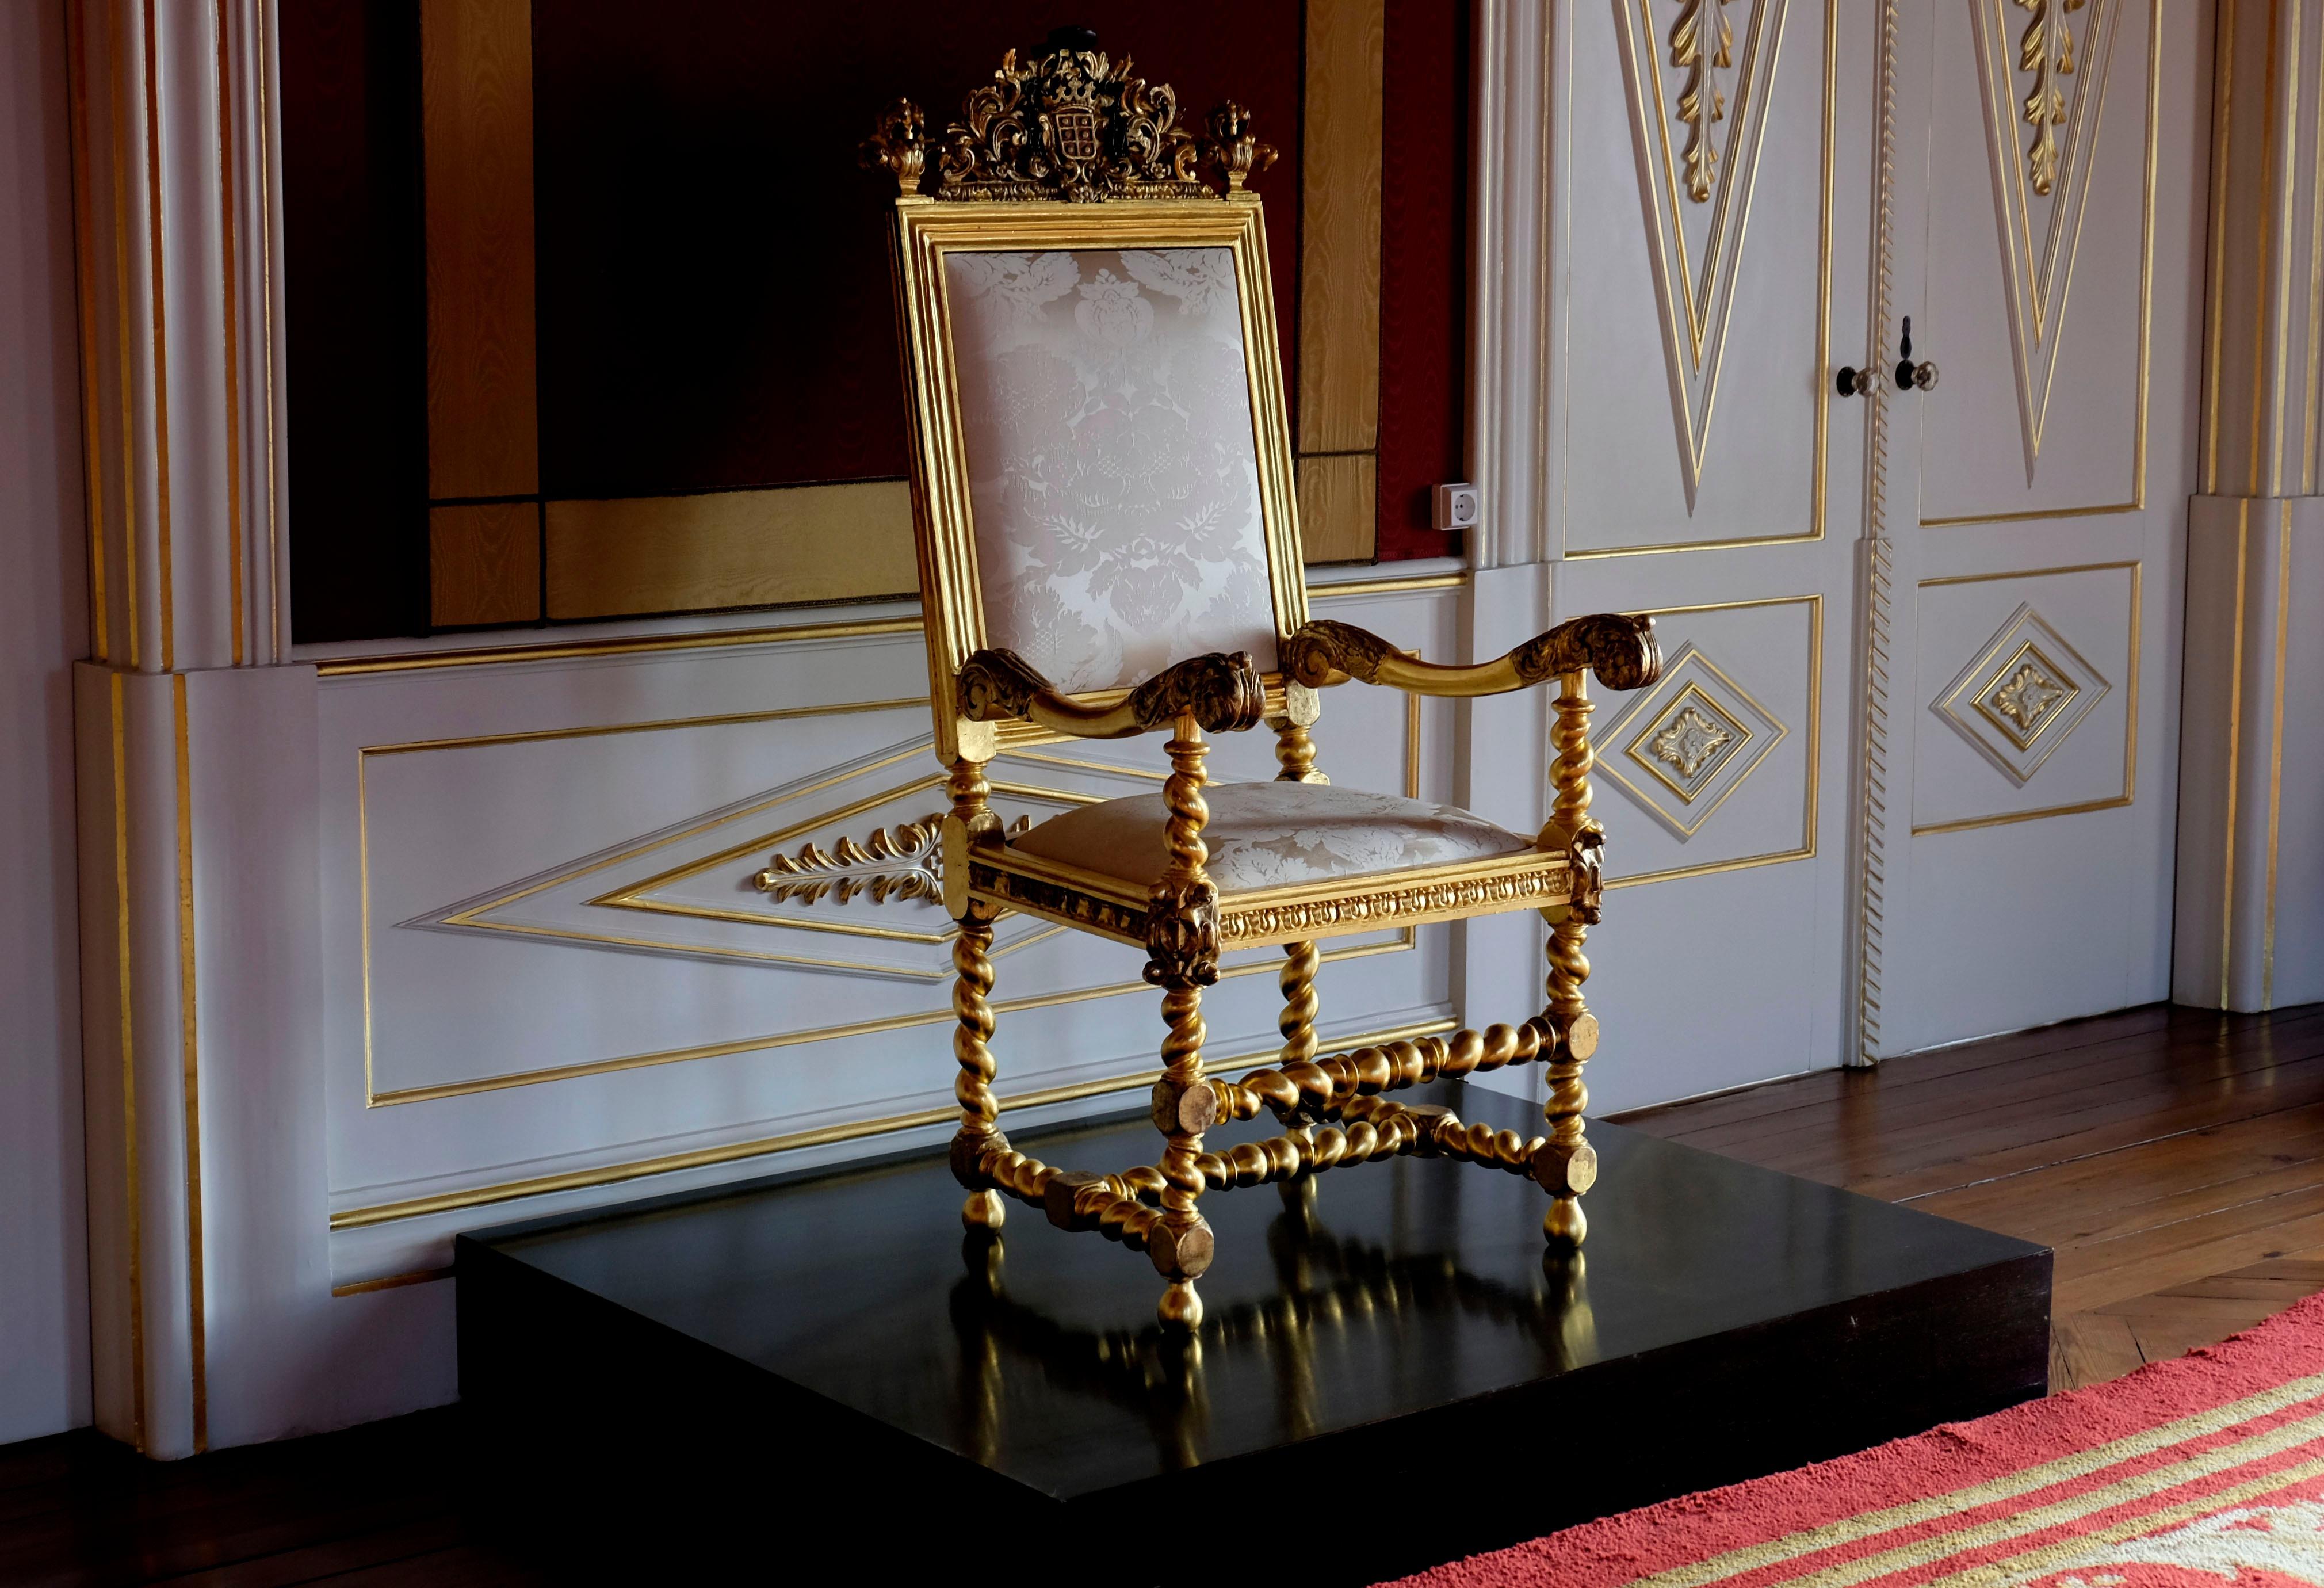 Gratis Afbeeldingen : tafel, hout, stoel, verdieping, huis ...